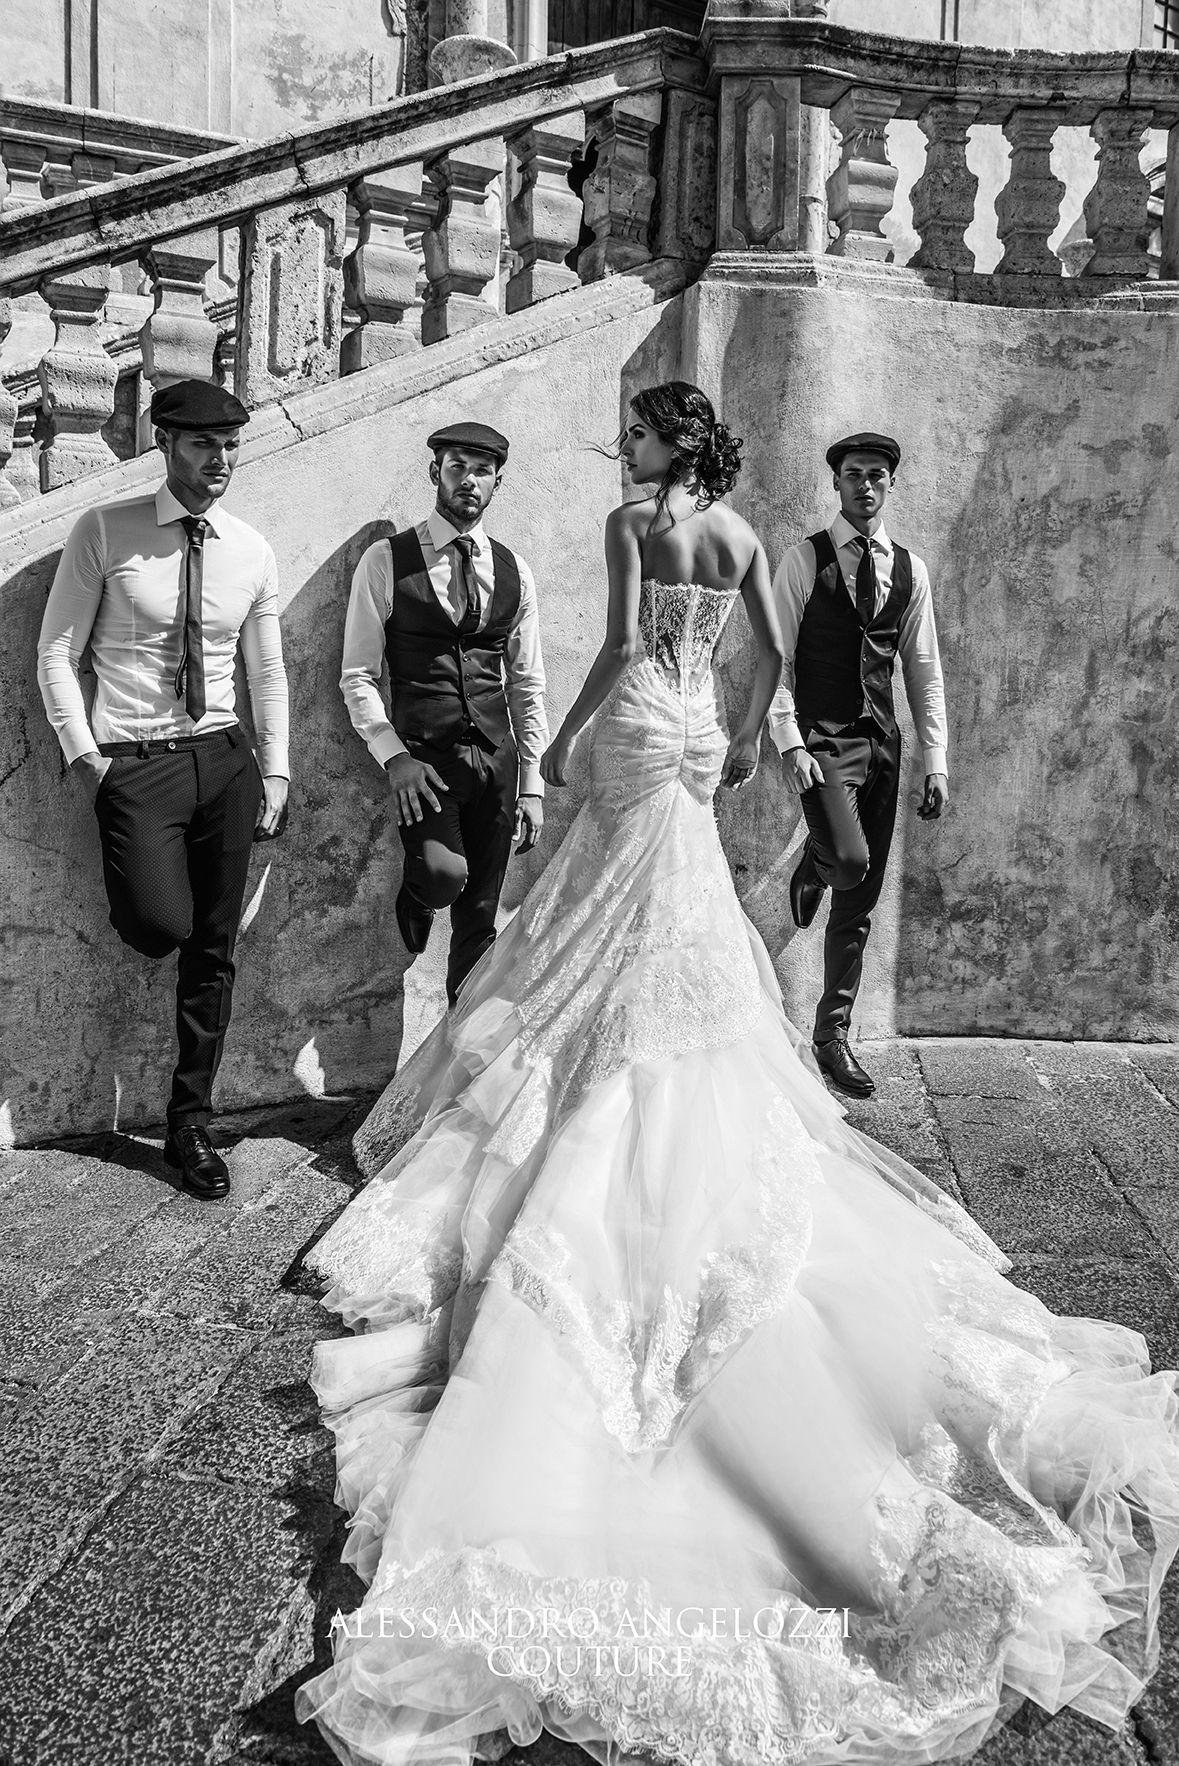 #AlessandroAngelozziCouture #weddingdress2016 #anitalianlovecollection #RocioMuñozMorales